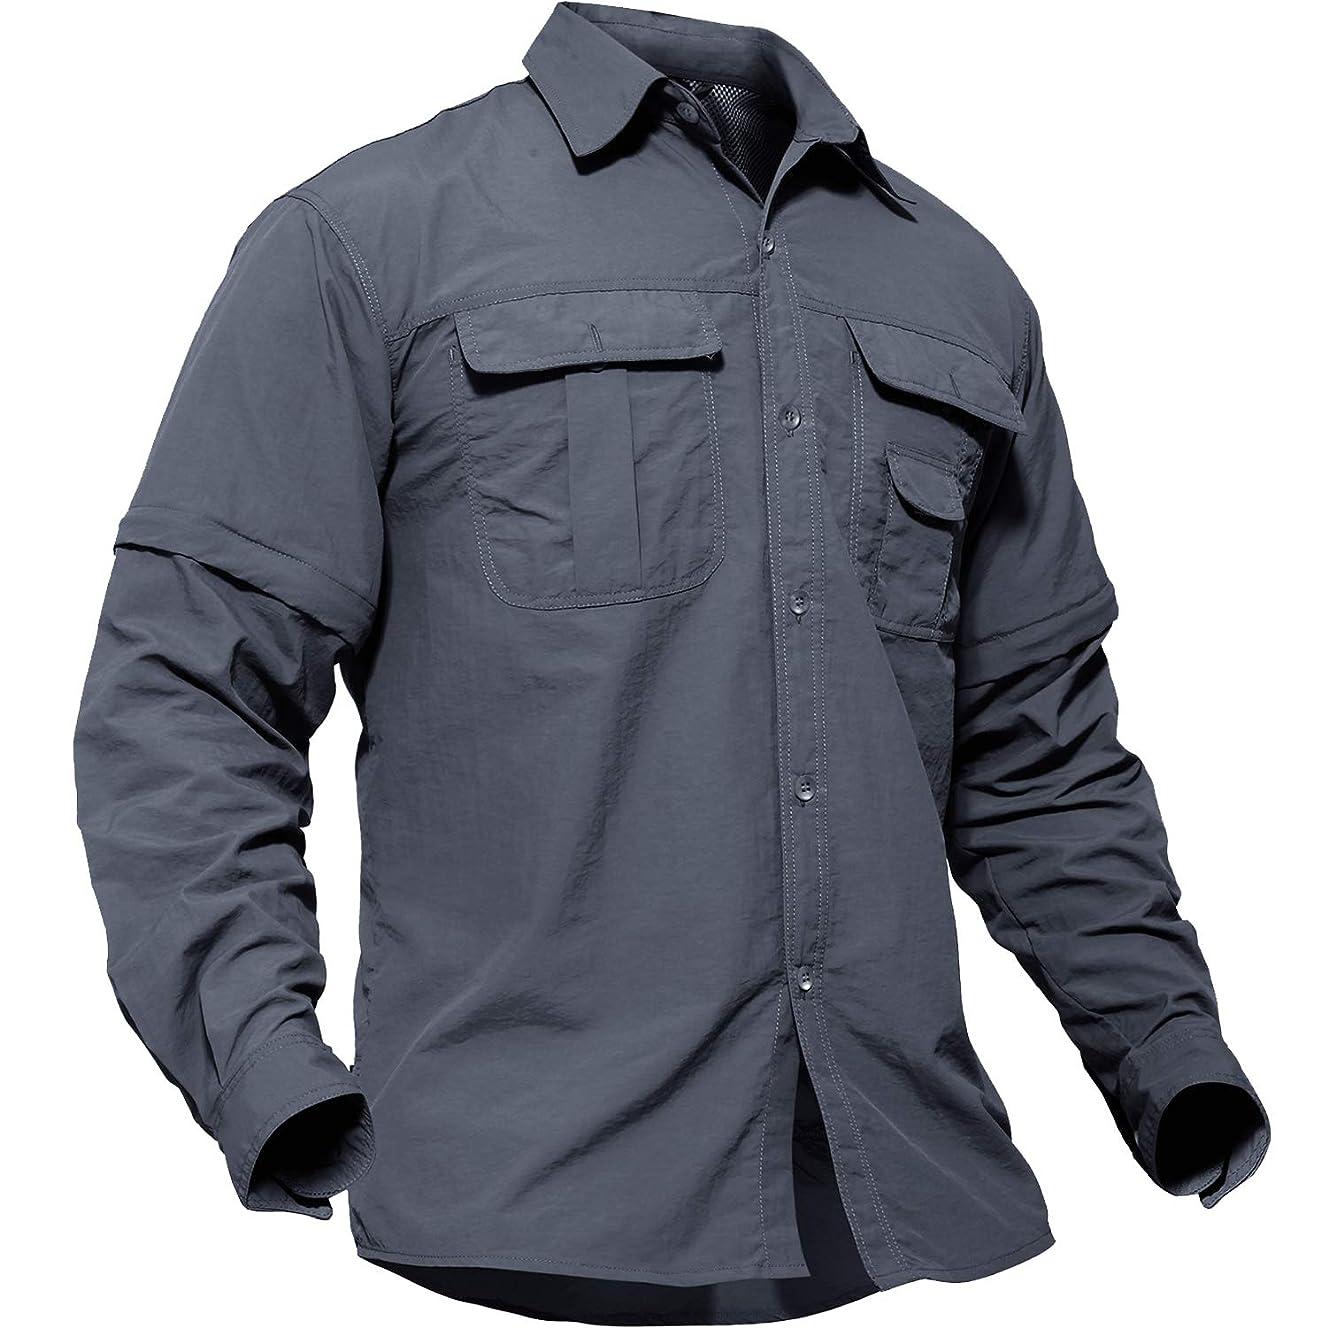 裸気候文明化TACVASEN アウトドア メンズ シャツ 長袖 ミリタリー タクティカル BDU tシャツ 登山 速乾 取り外し可能 半袖